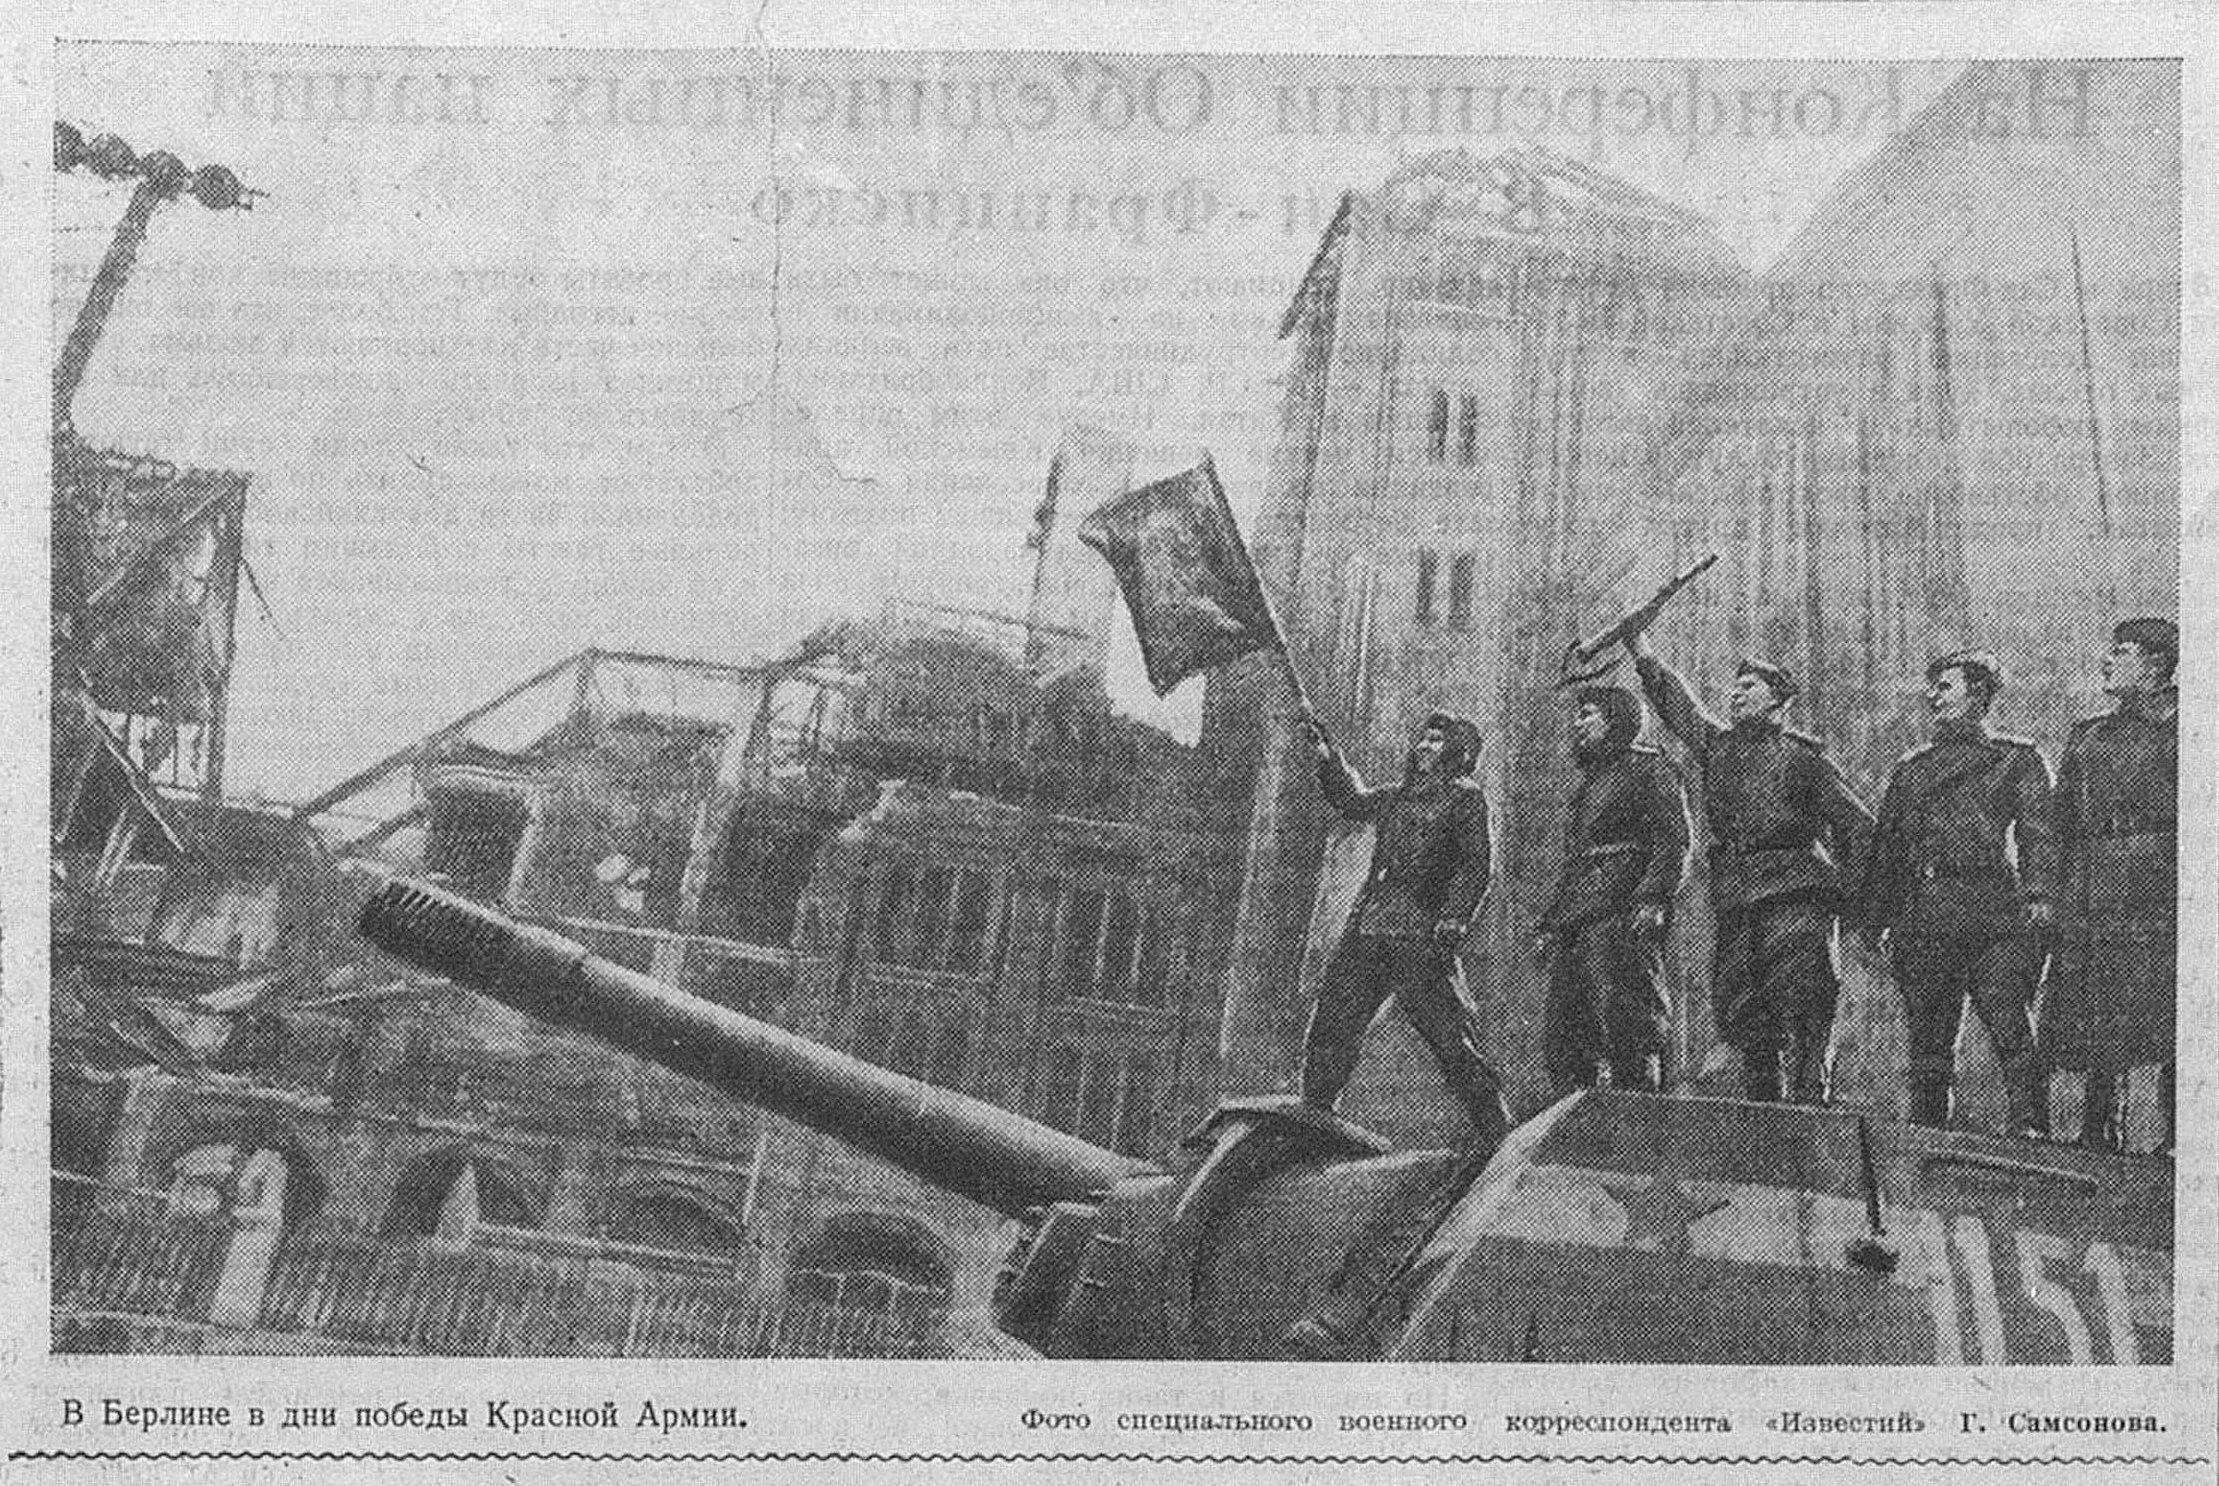 Последние дни войны: как «Известия» приближали Победу